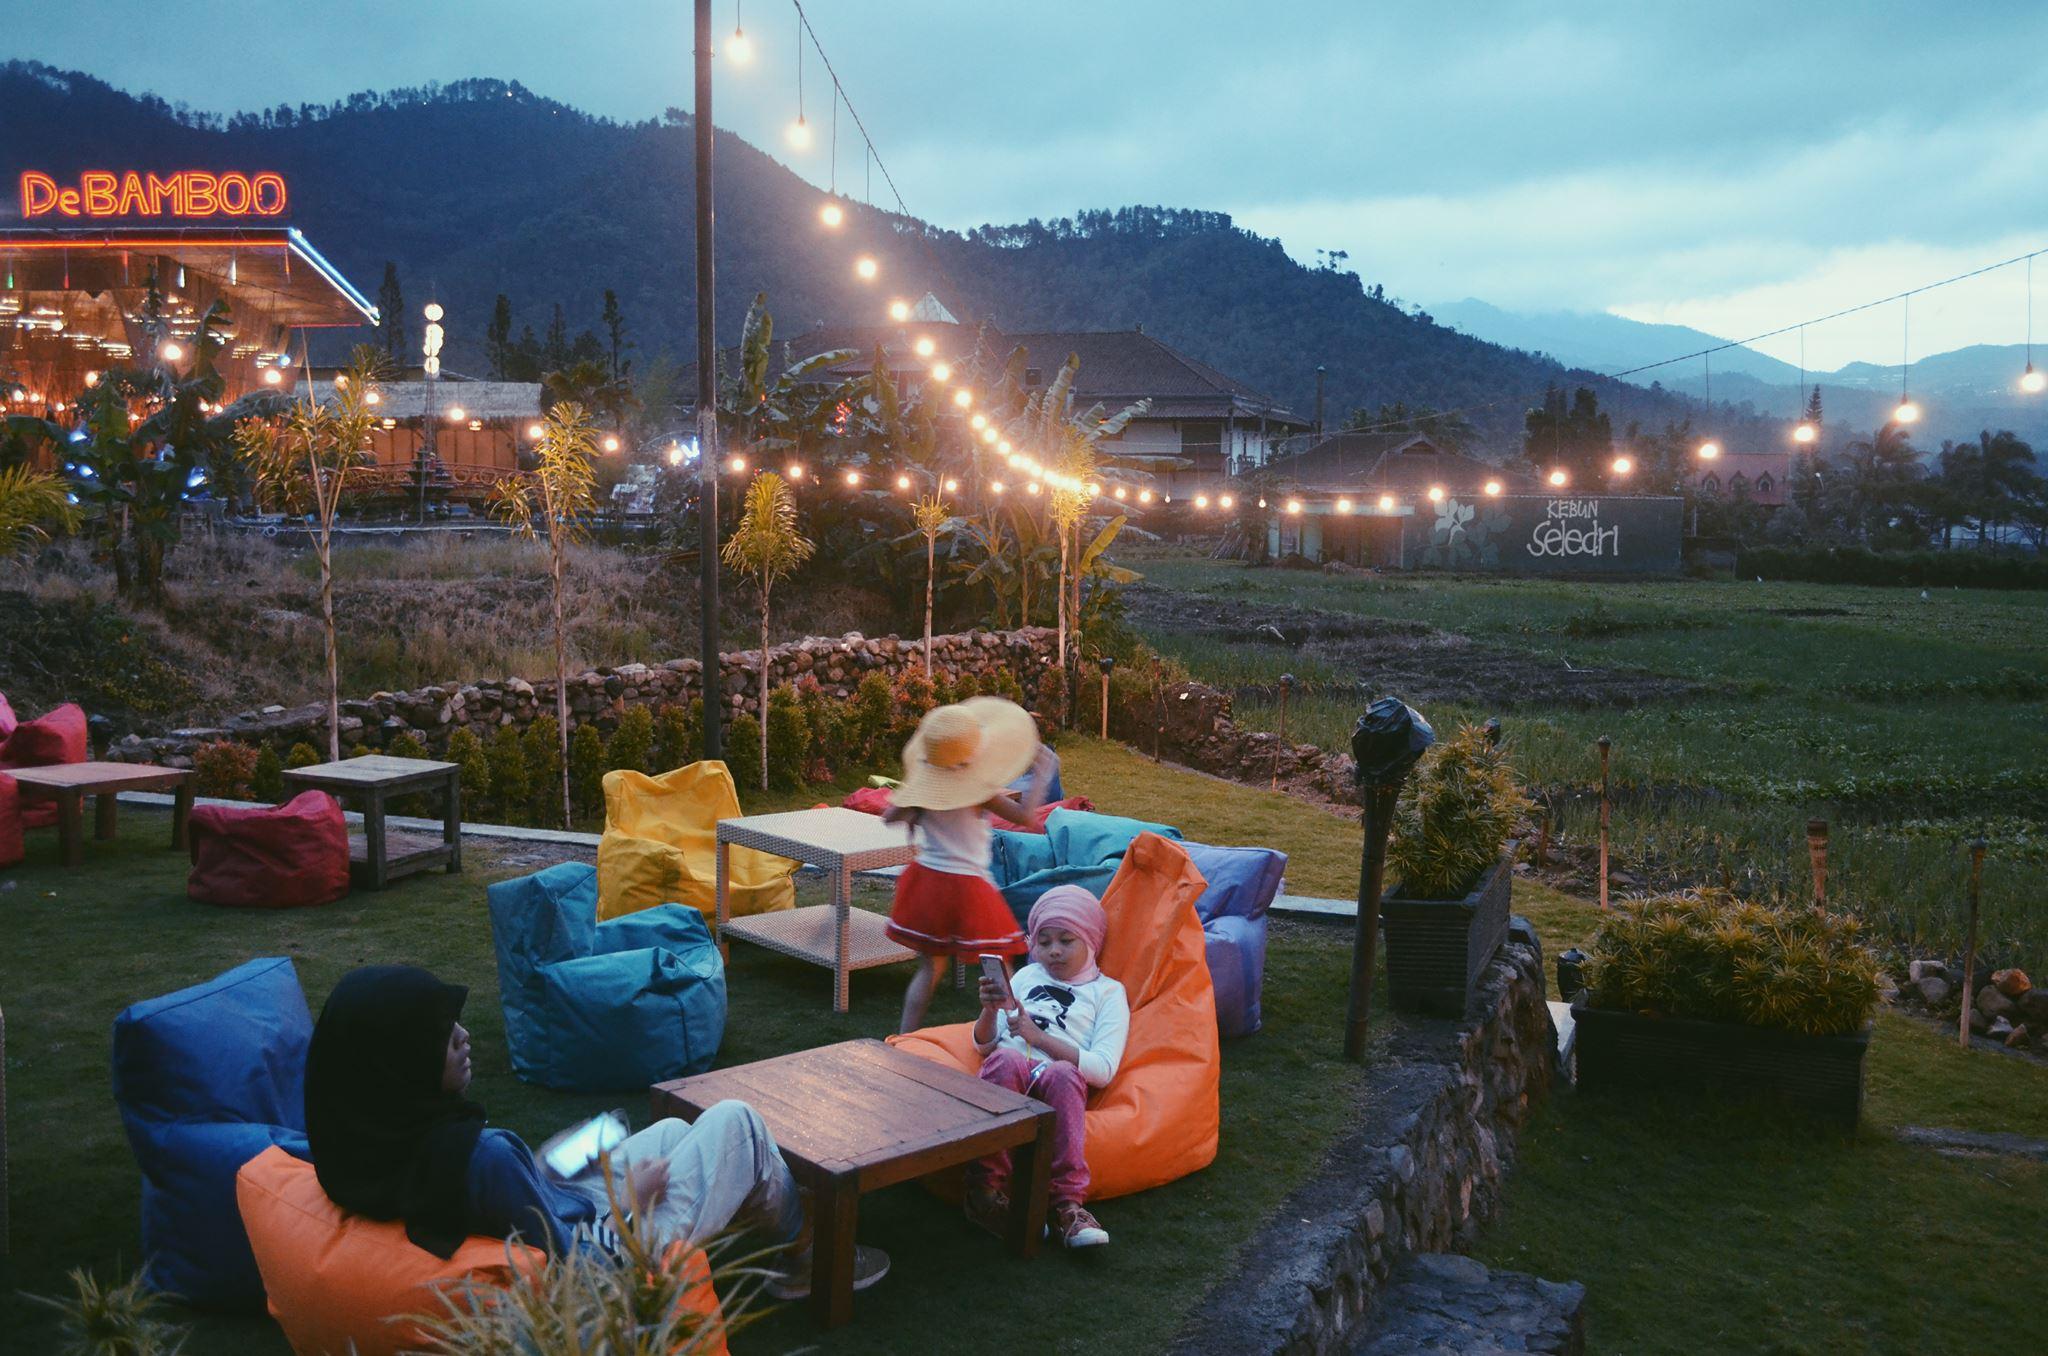 7. Pupuk Bawang Cafe & Dining